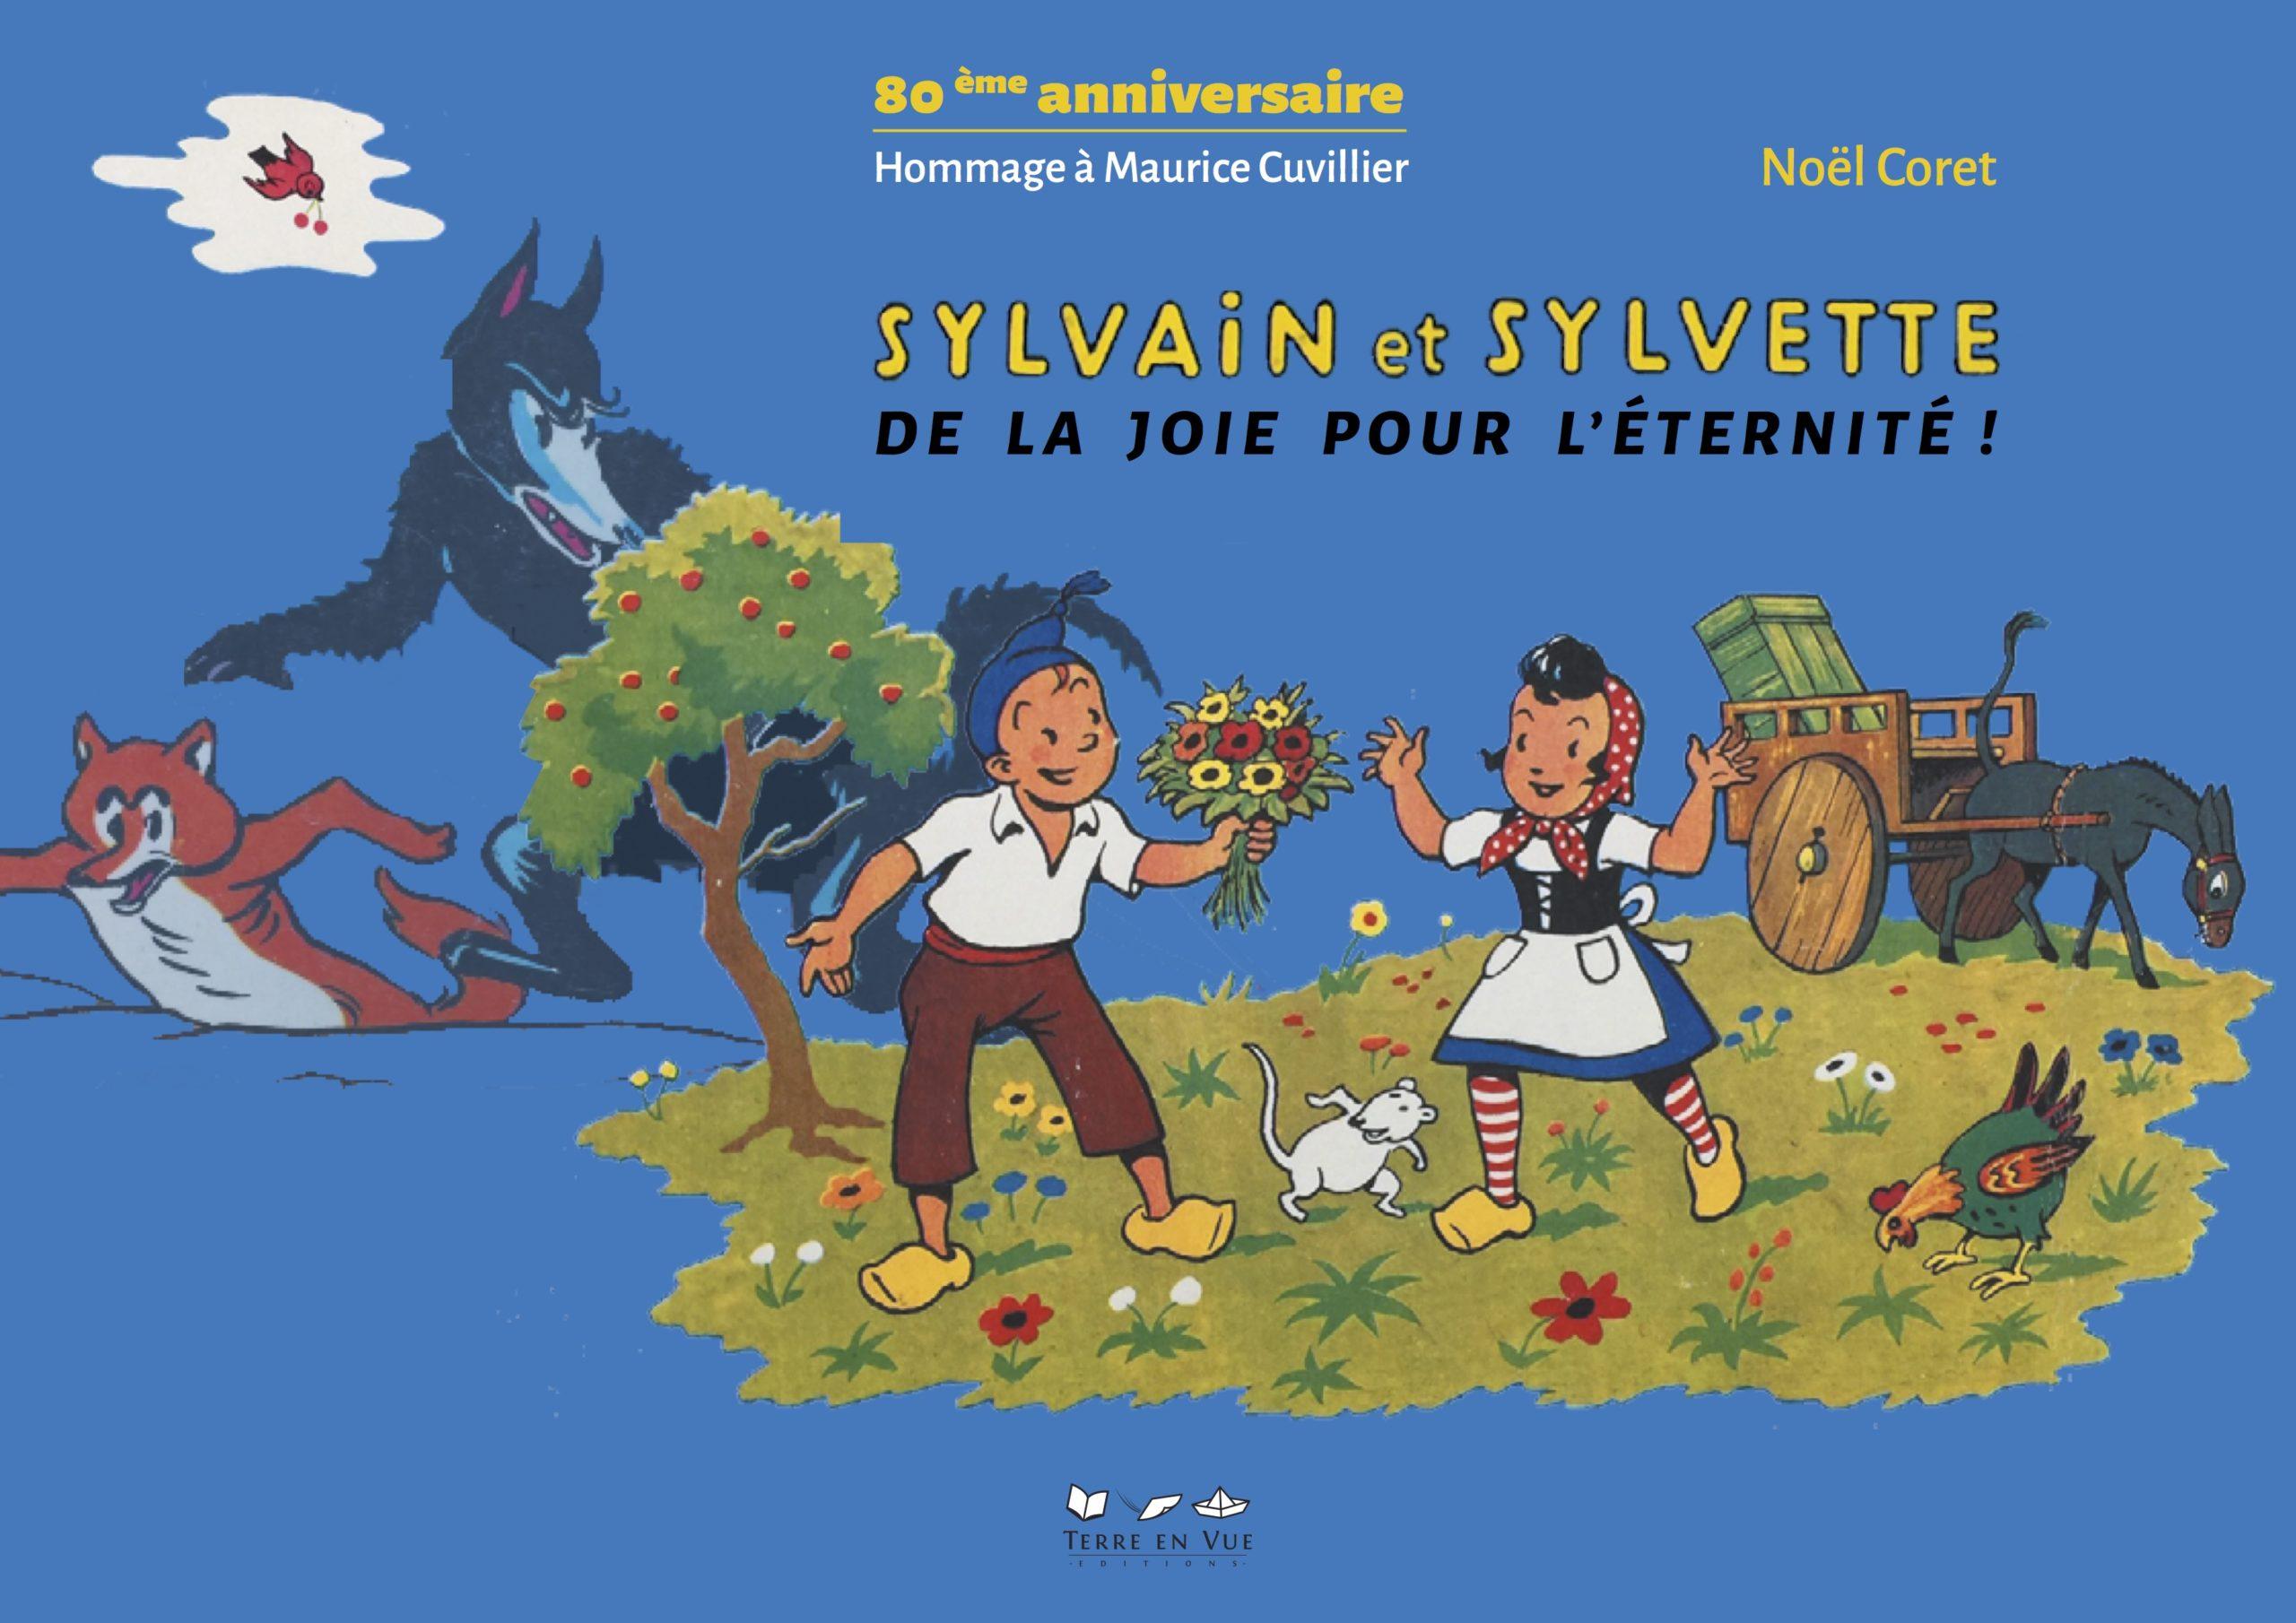 Sylvain et Sylvette. 80e anniversaire. Hommage à Maurice Cuvillier. Par Noël Coret